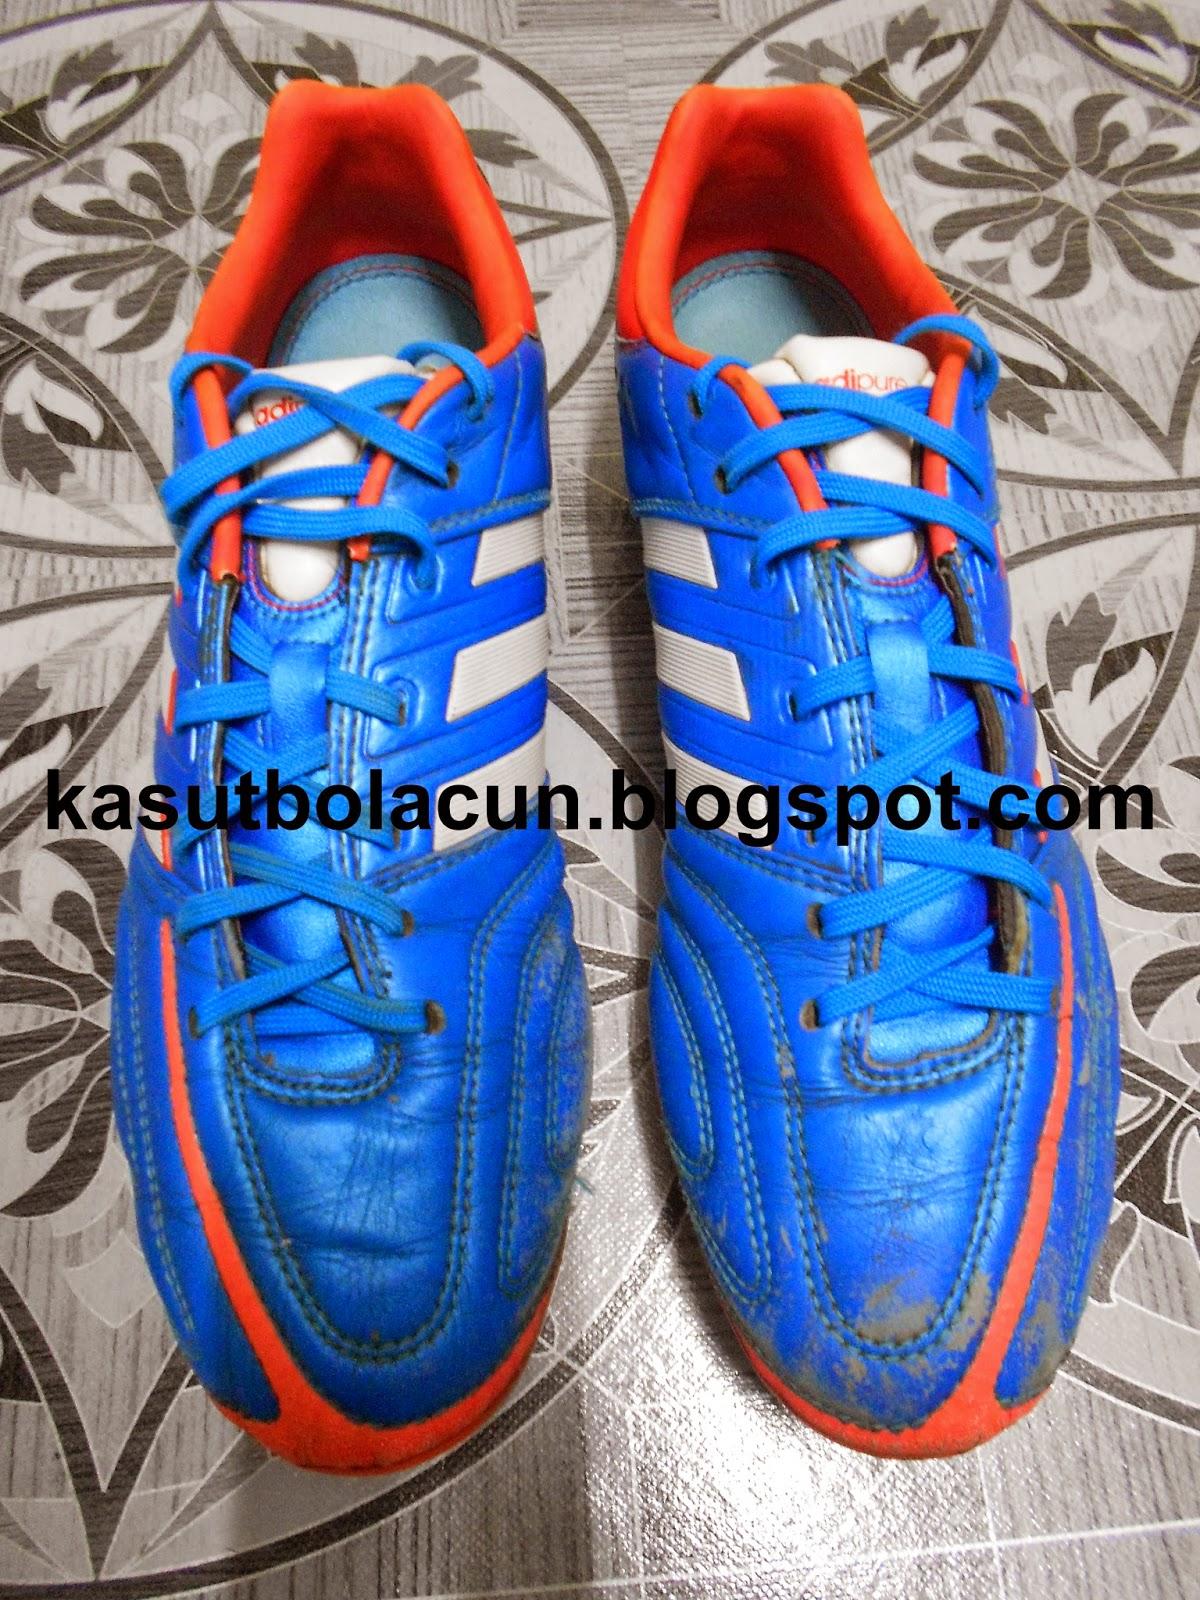 Adidas Adipure 11pro FG